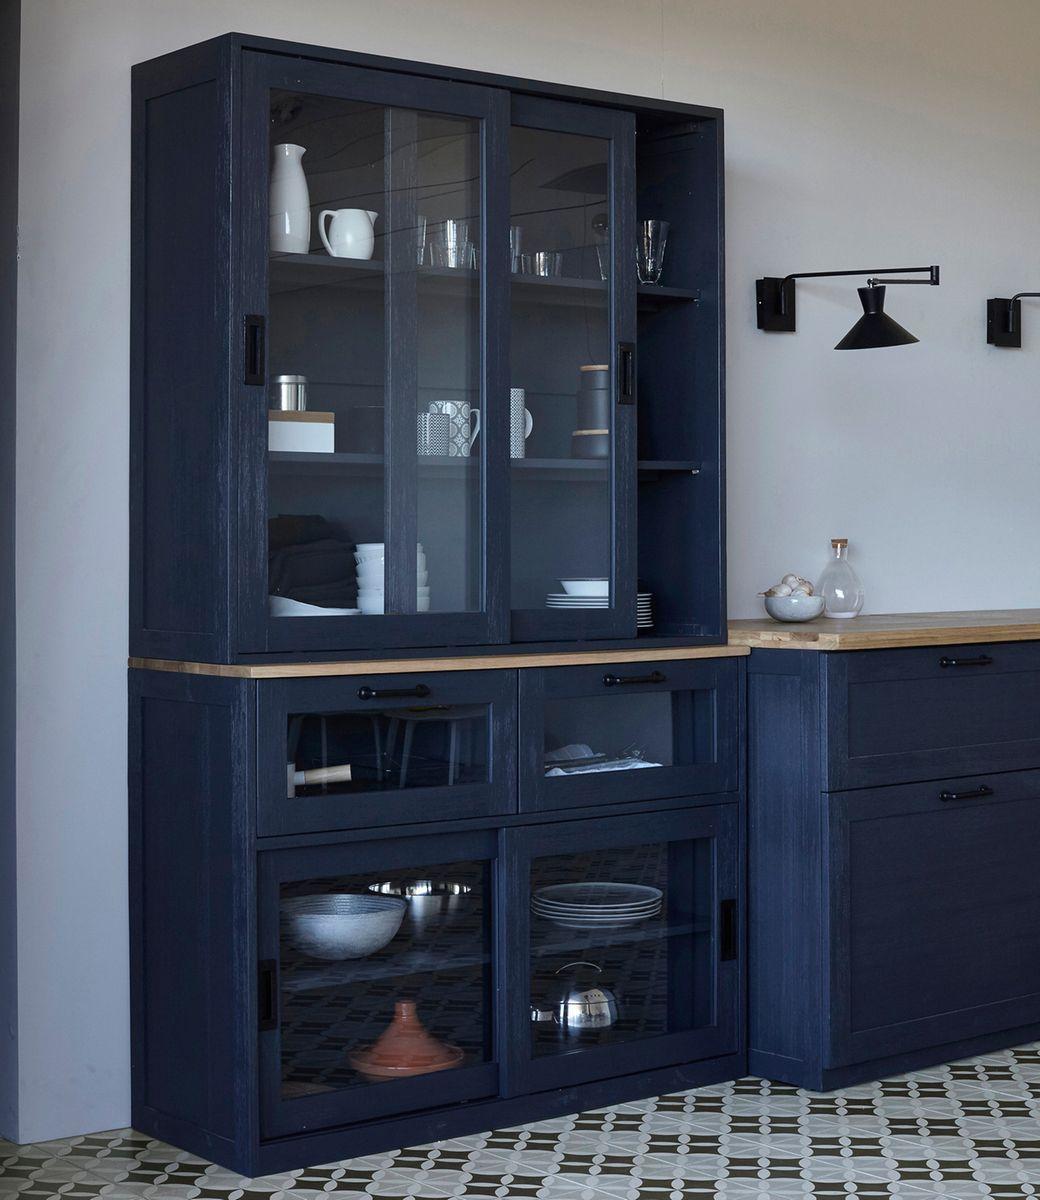 la cuisine galdor chez am pm armoires lampes et noir. Black Bedroom Furniture Sets. Home Design Ideas